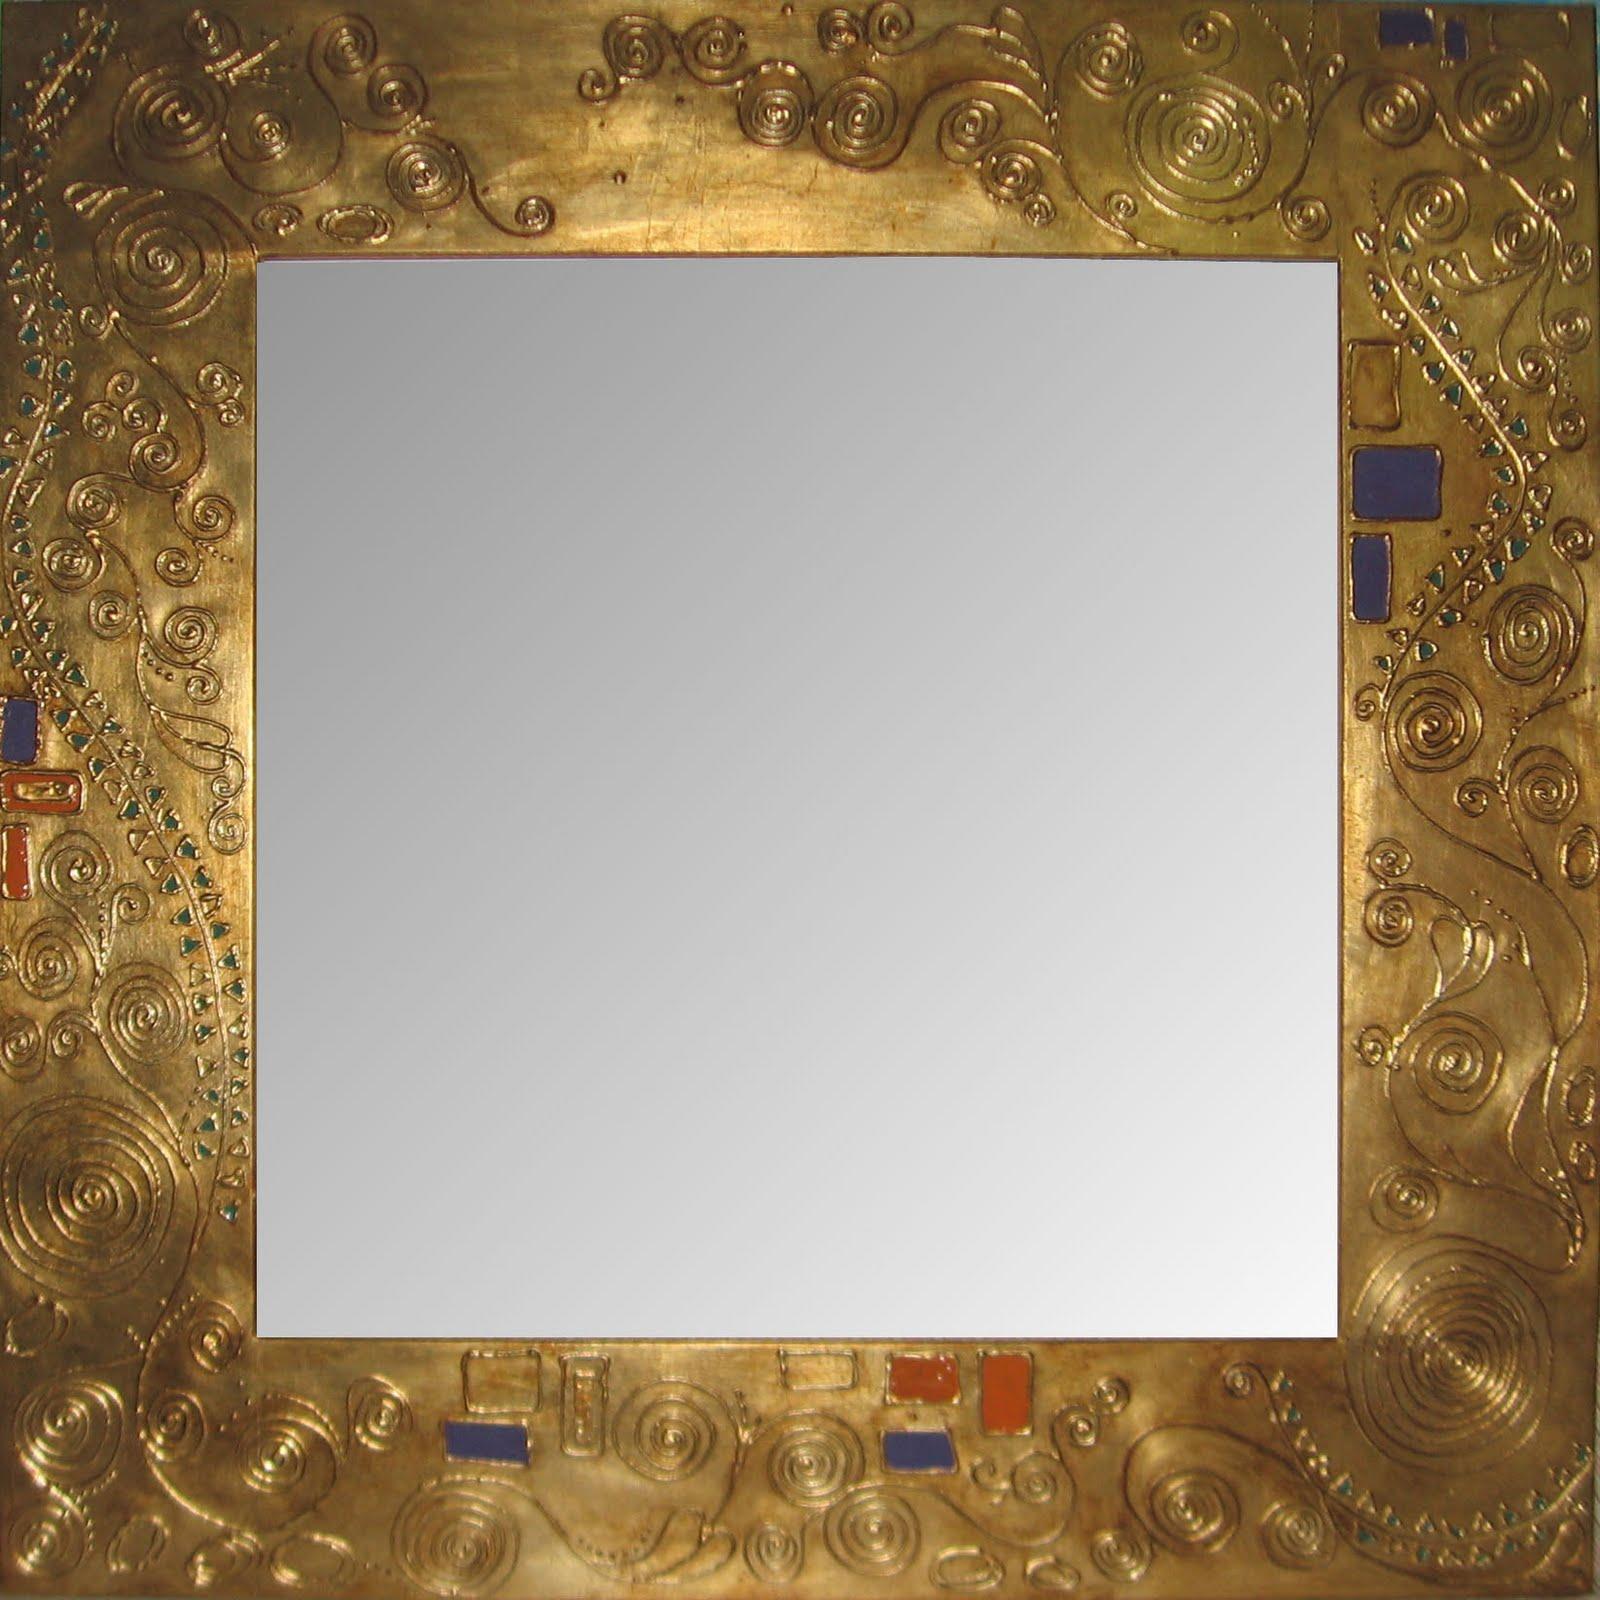 Specchio klimt grande oro argento e fantasia - Specchio grande ...